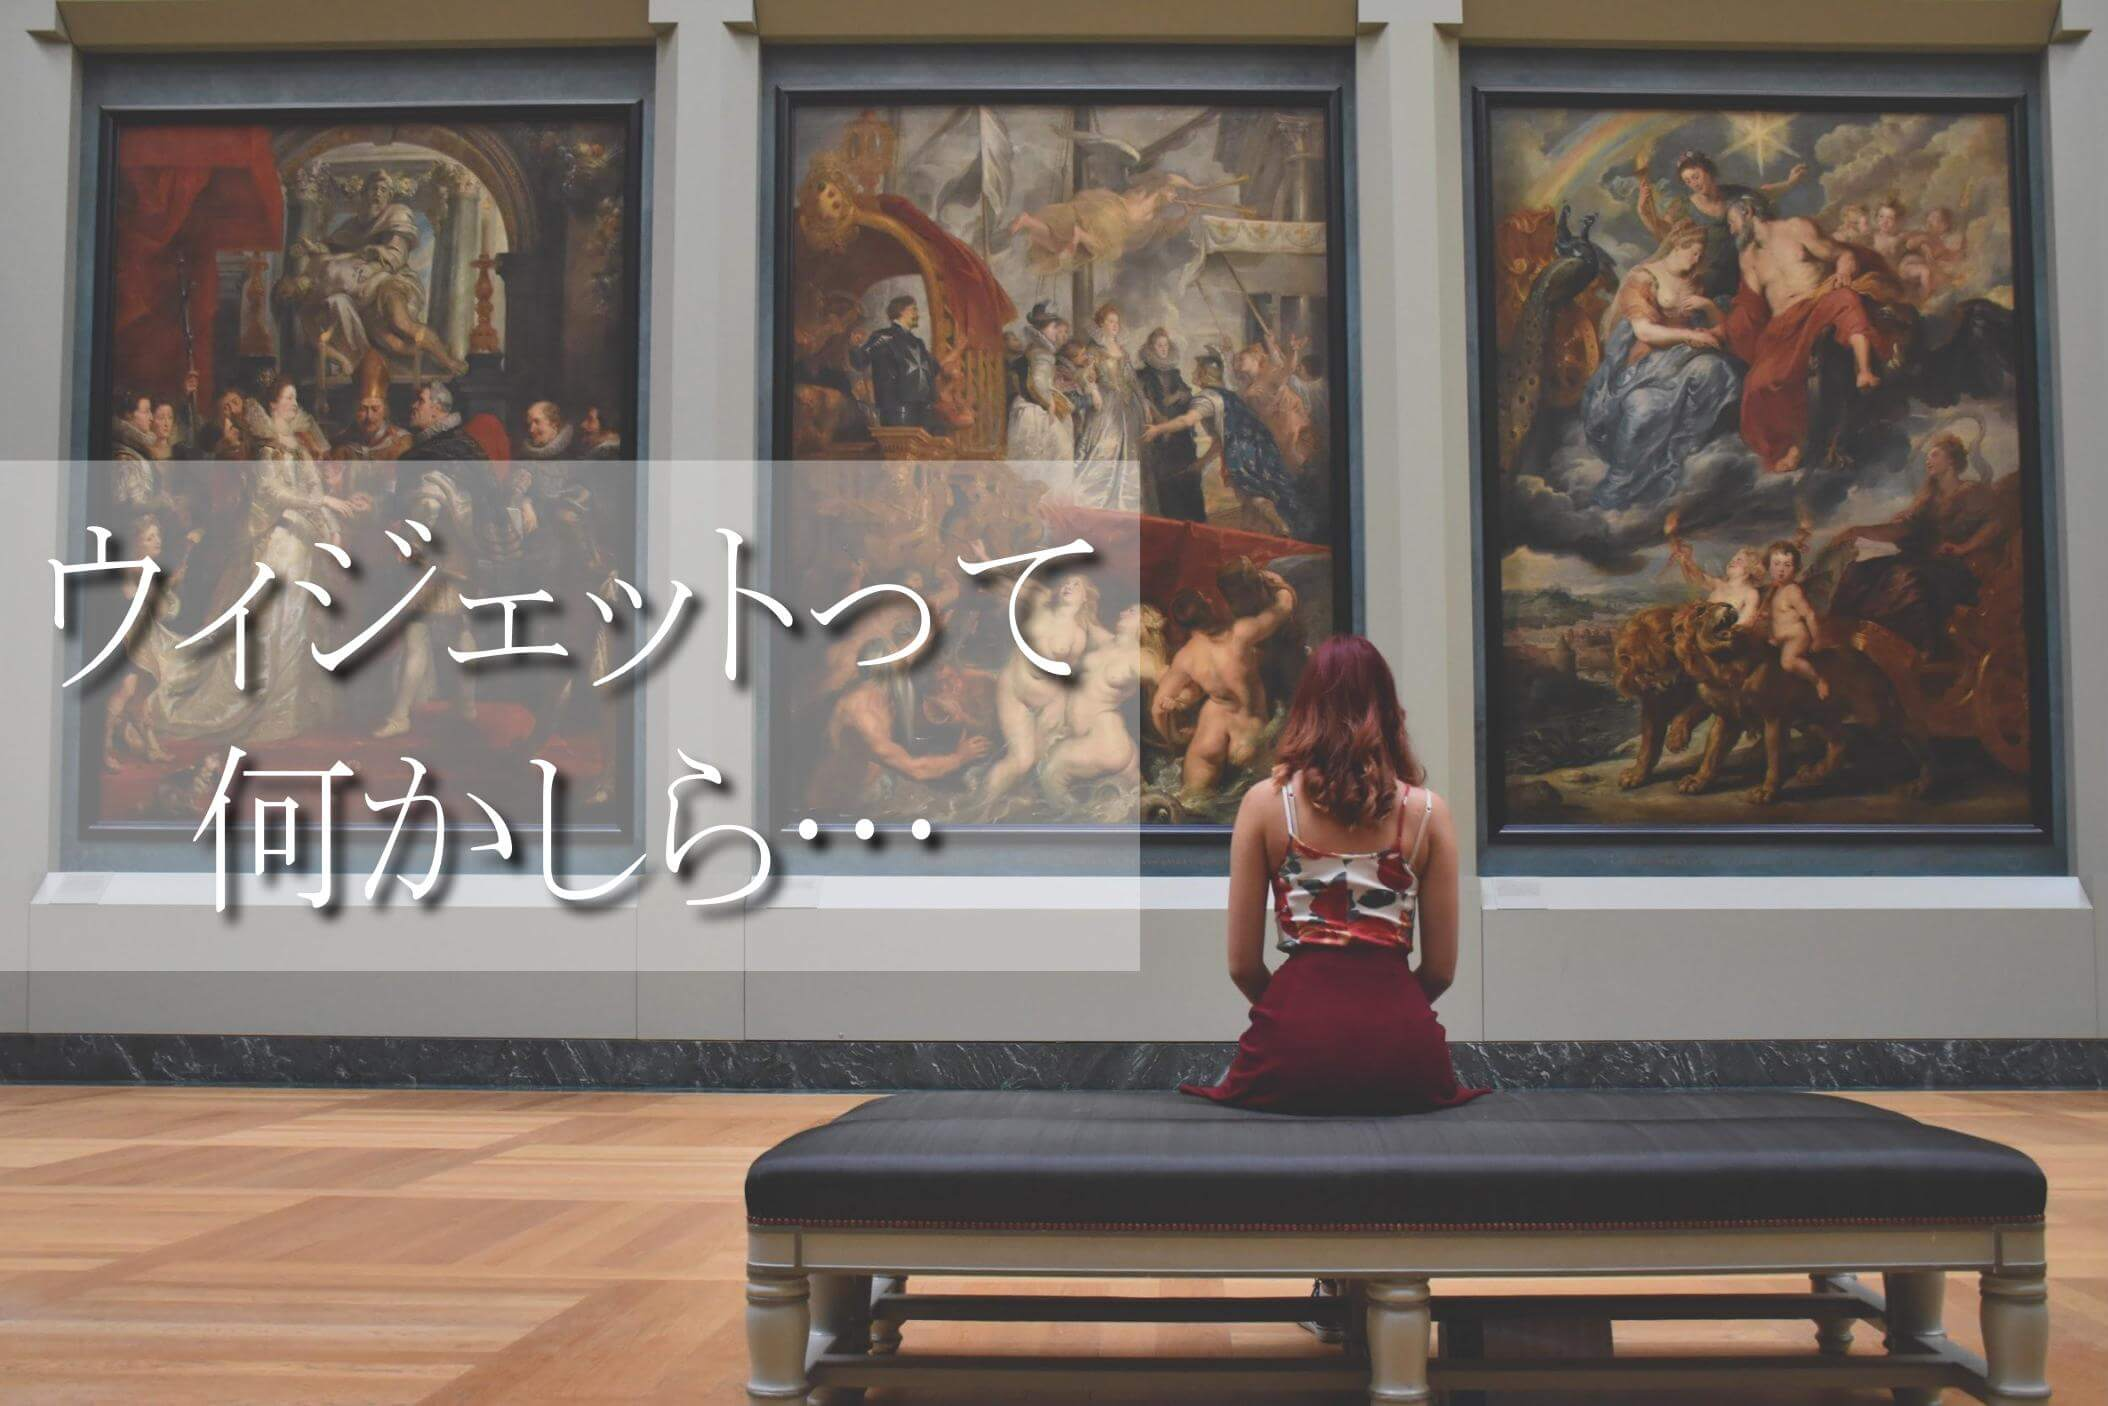 絵画をじっと見つめる女性 「ウィジェットって 何かしら…」